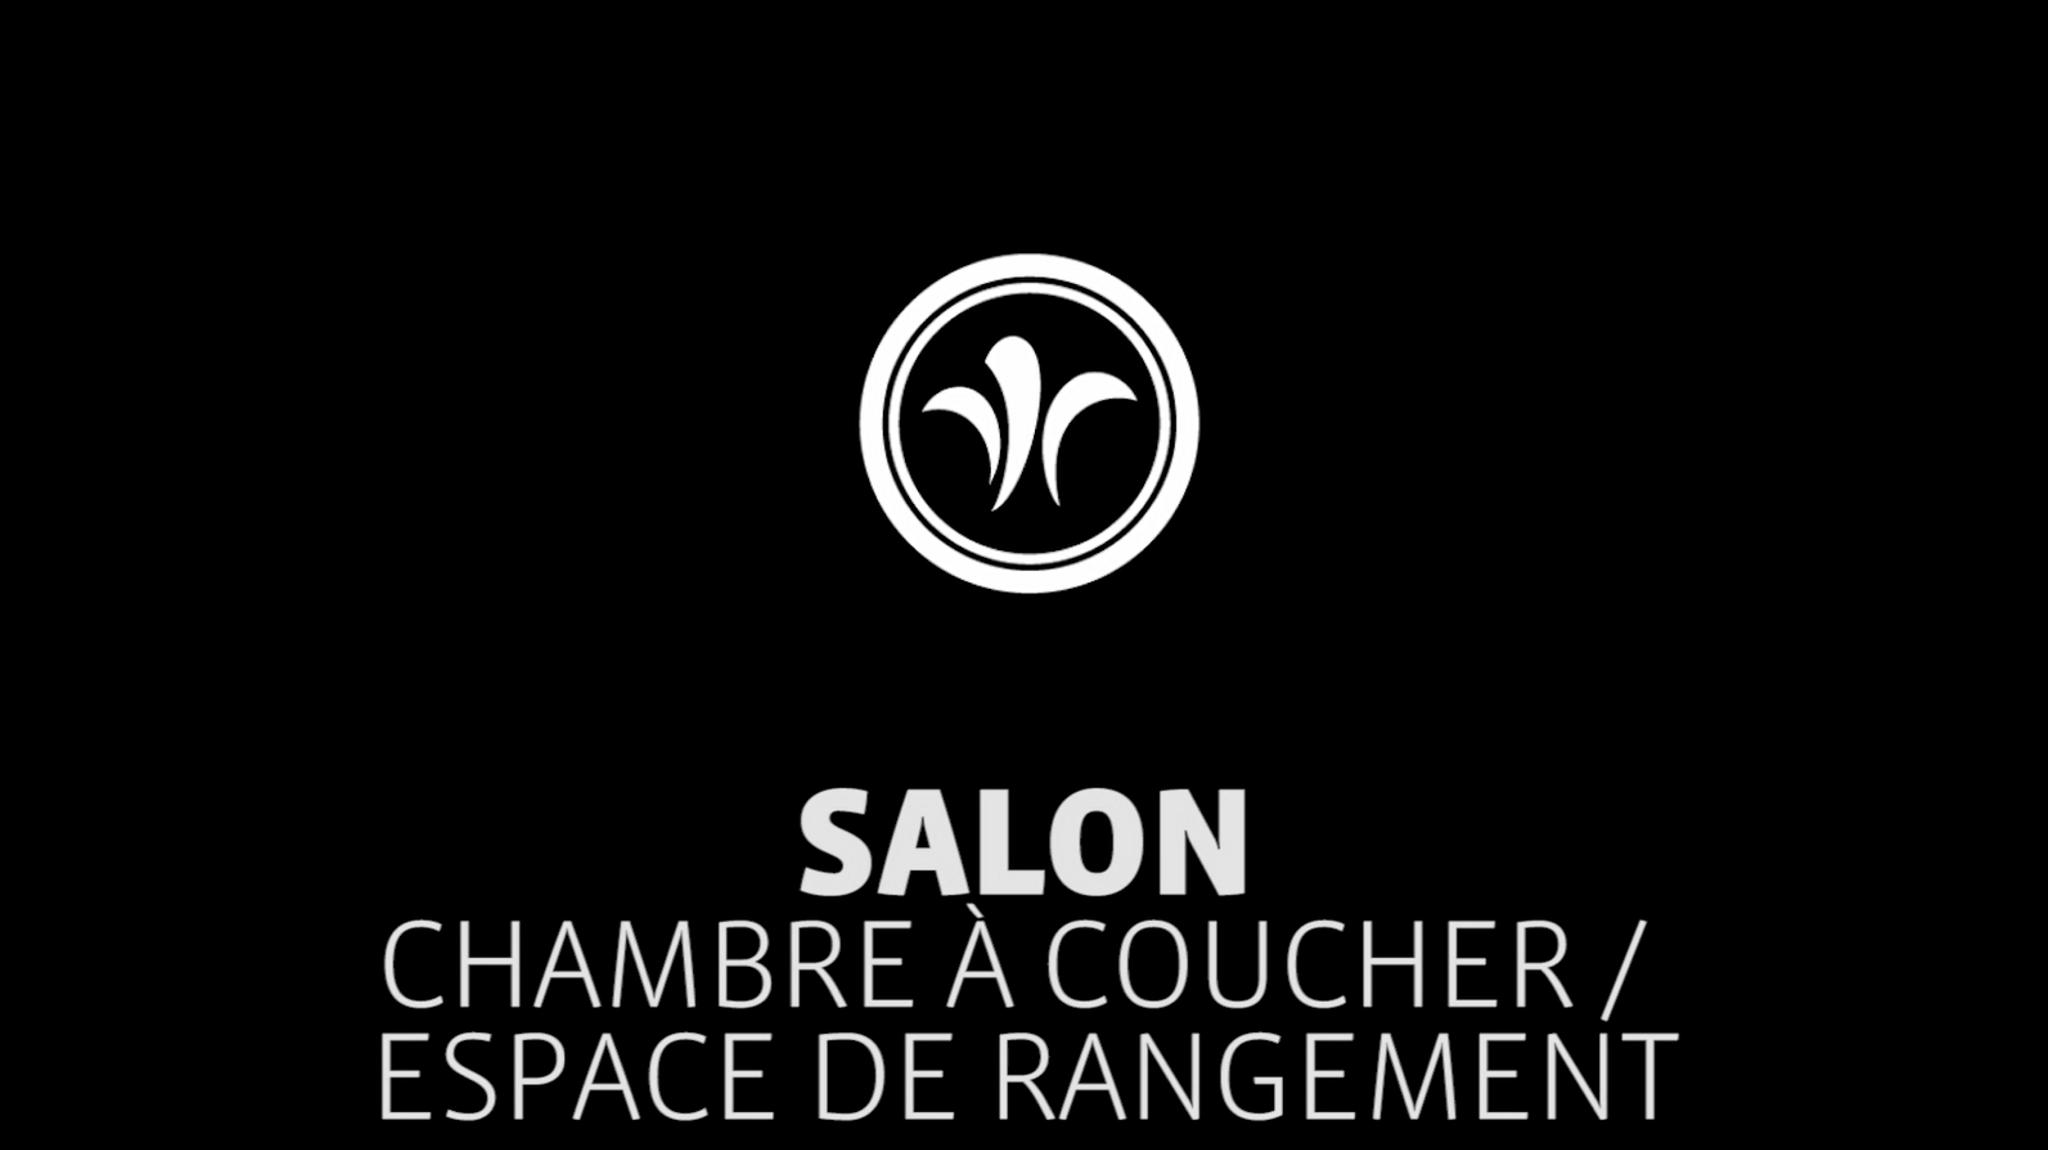 Espace de rangement // Niesmann+Bischoff - Camping-car (ARTO) // 2019 // WO2